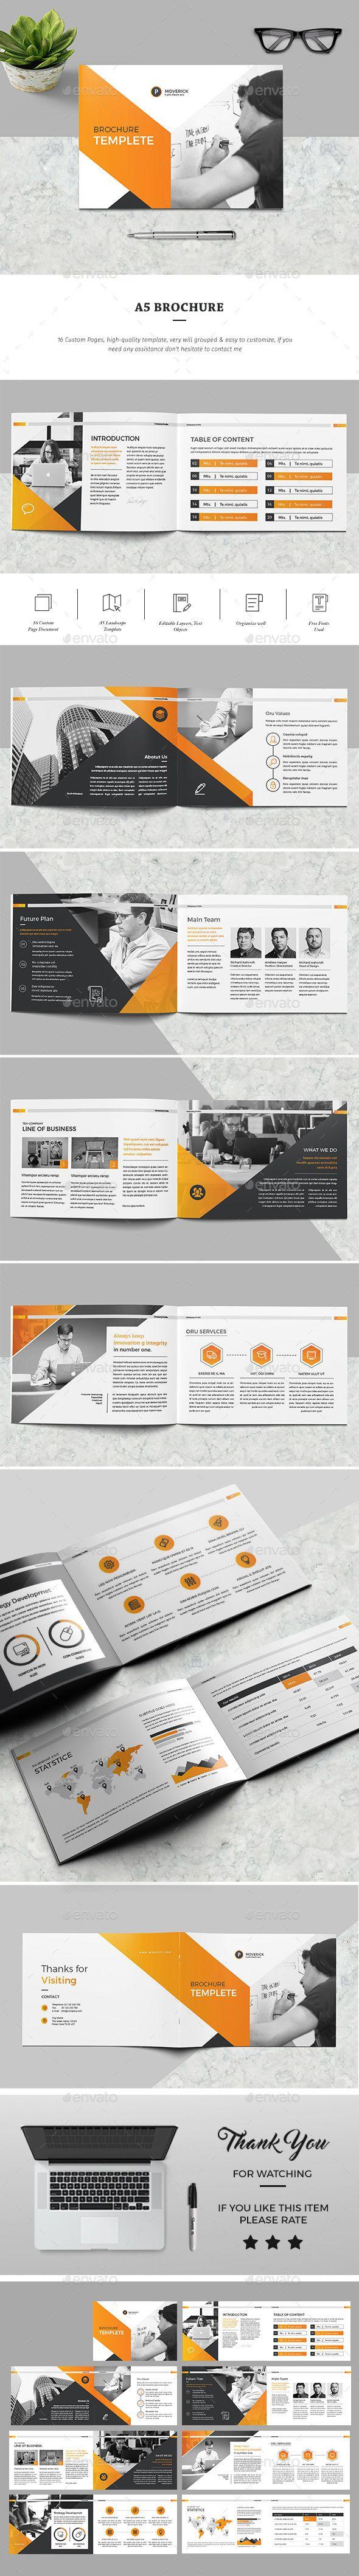 A5 Brochure | Diseño editorial, Editorial y Portafolio